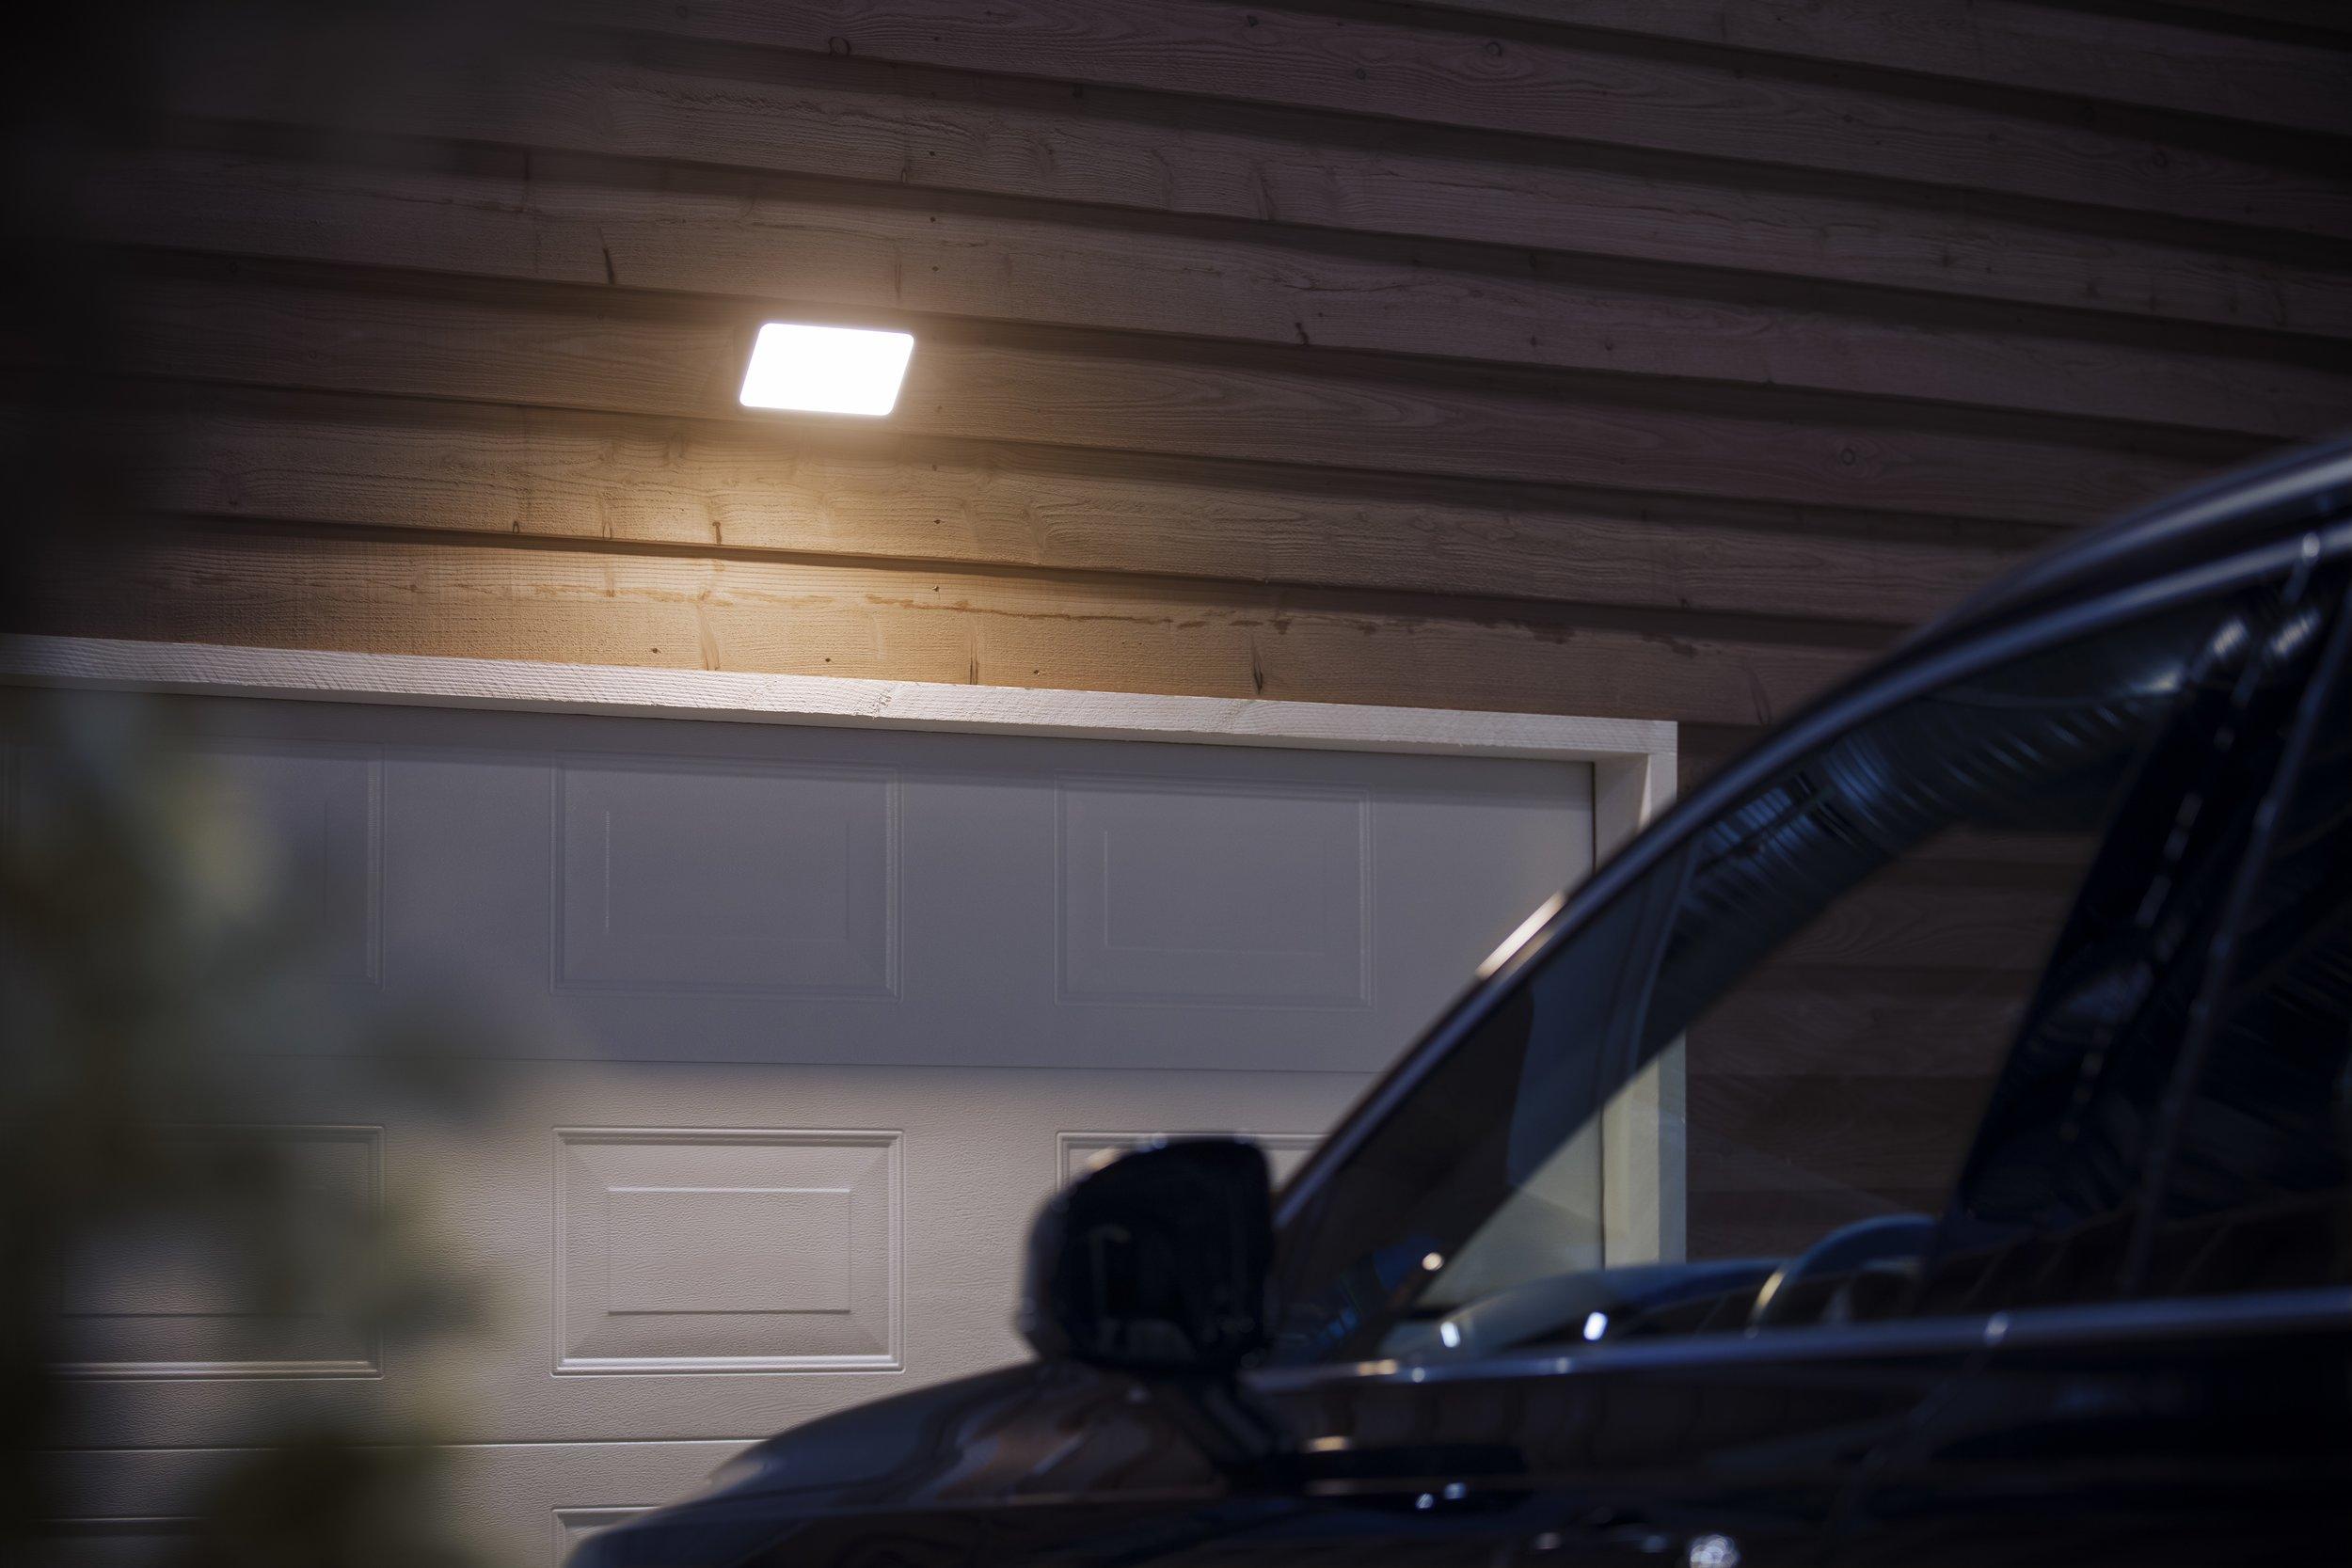 HUE-outdoor-Floodlight.jpg